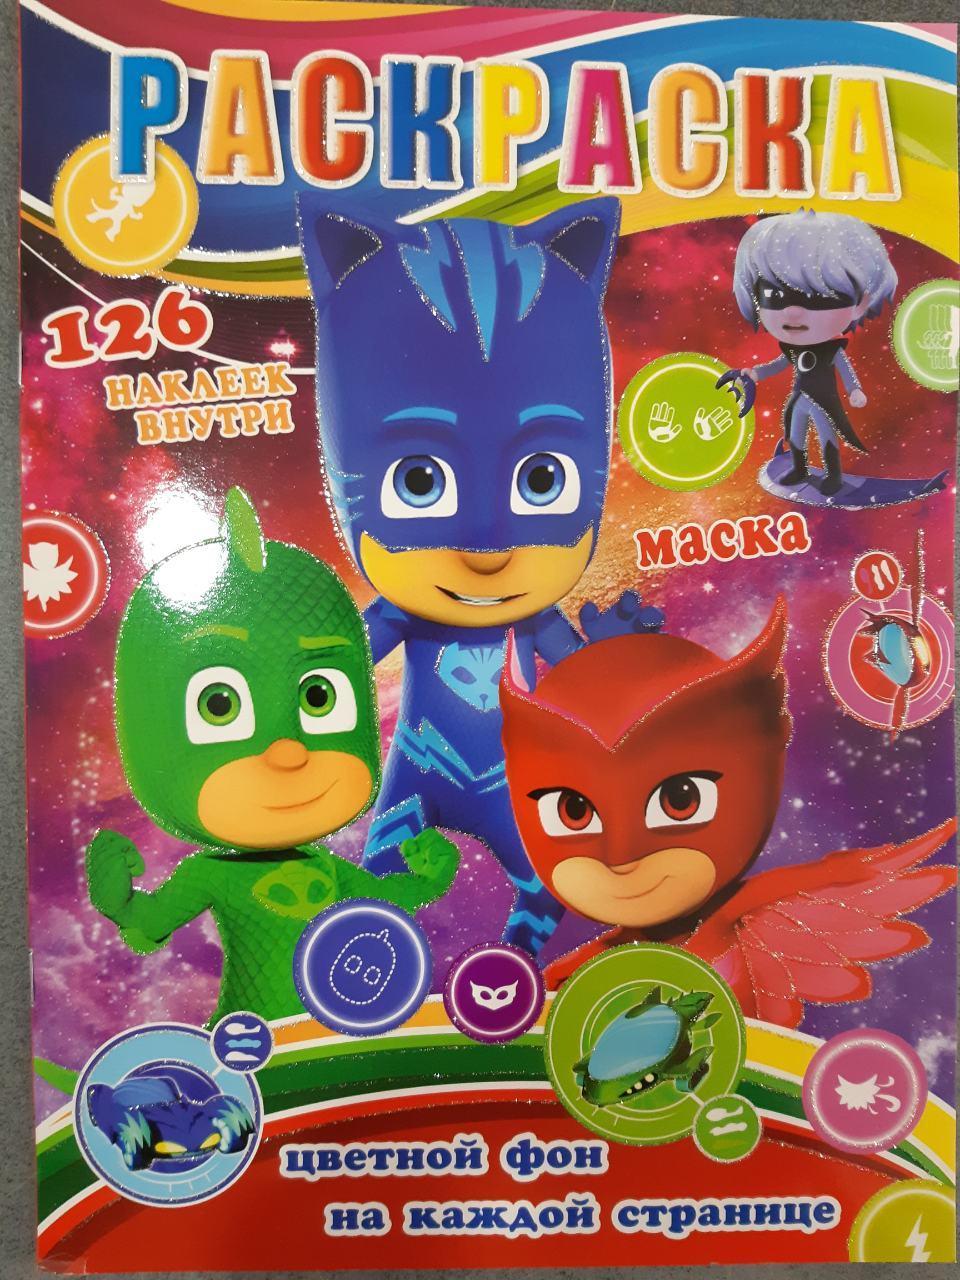 колибри раскраска р 30 126 наклеек герои в масках продажа цена в запорожье раскраски от интернет магазин умные дети 684443561